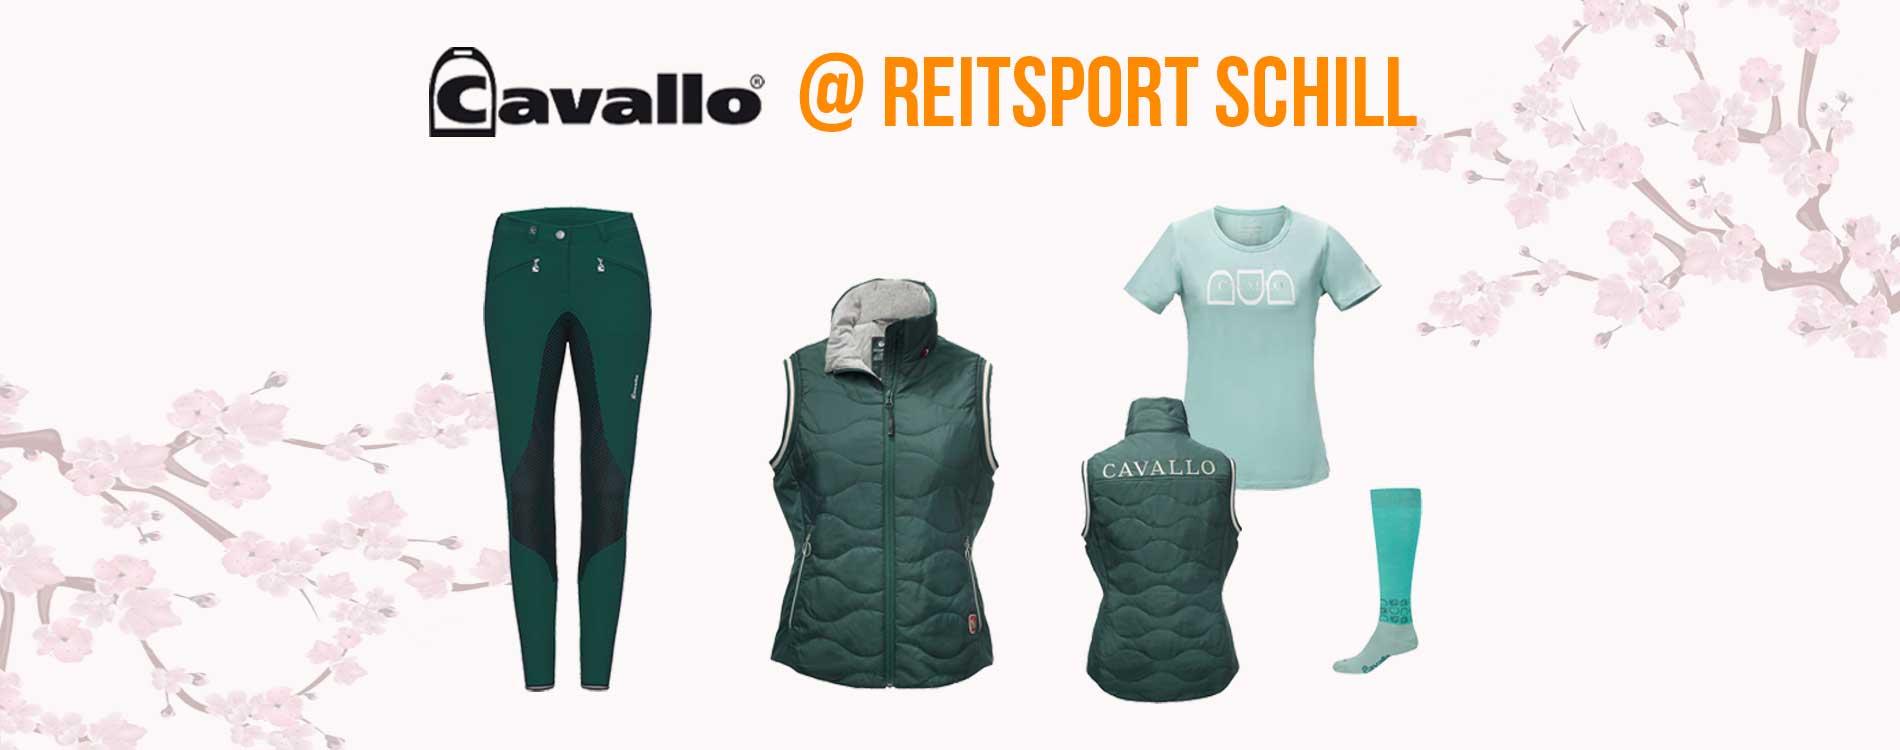 Cavallo Reitbekleidung, Cavallo 2019, Cavallo Frühjahr-Sommer 2019,